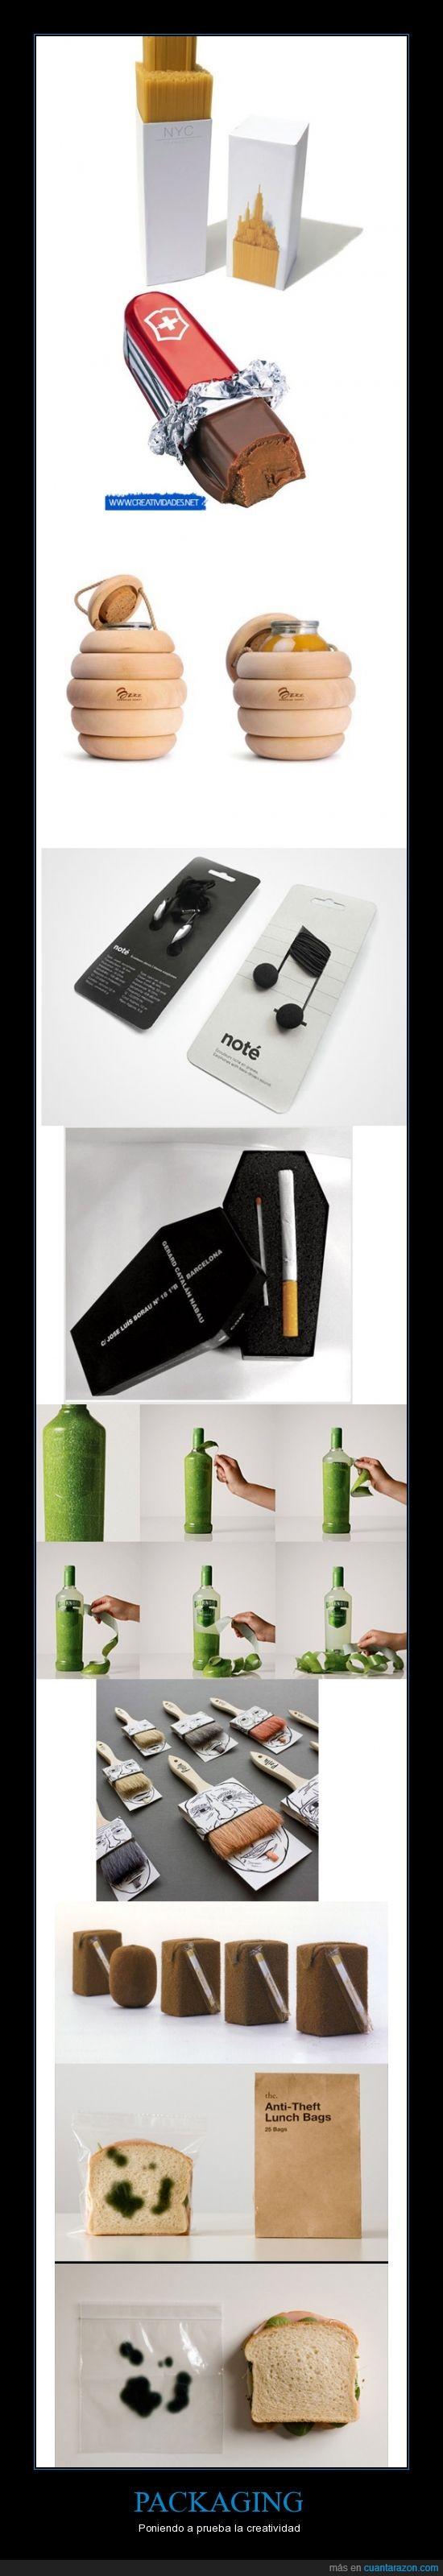 brick,brocha,chocolate suizo,cigarro,creatividad,envoltorio,navaja,packaging,publicidad,sandwich,spaguettis